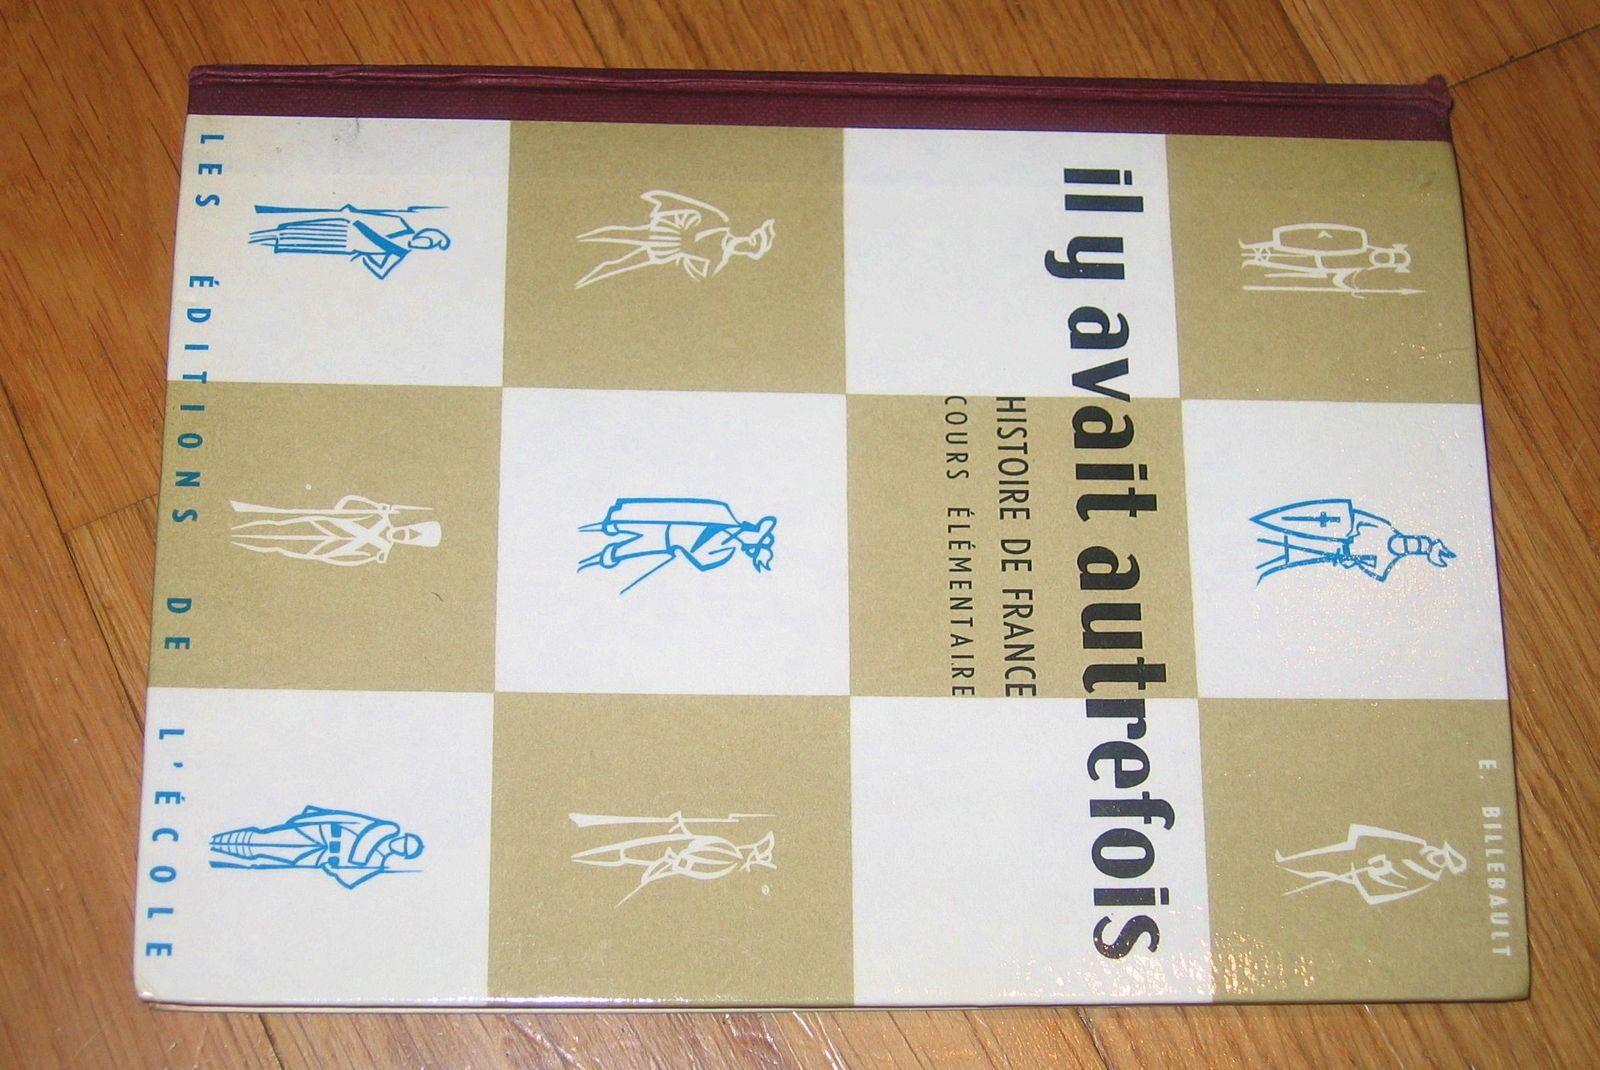 """Vends livre """"Il y avait autrefois"""" par É. Billebault - CE - livre des années 50"""